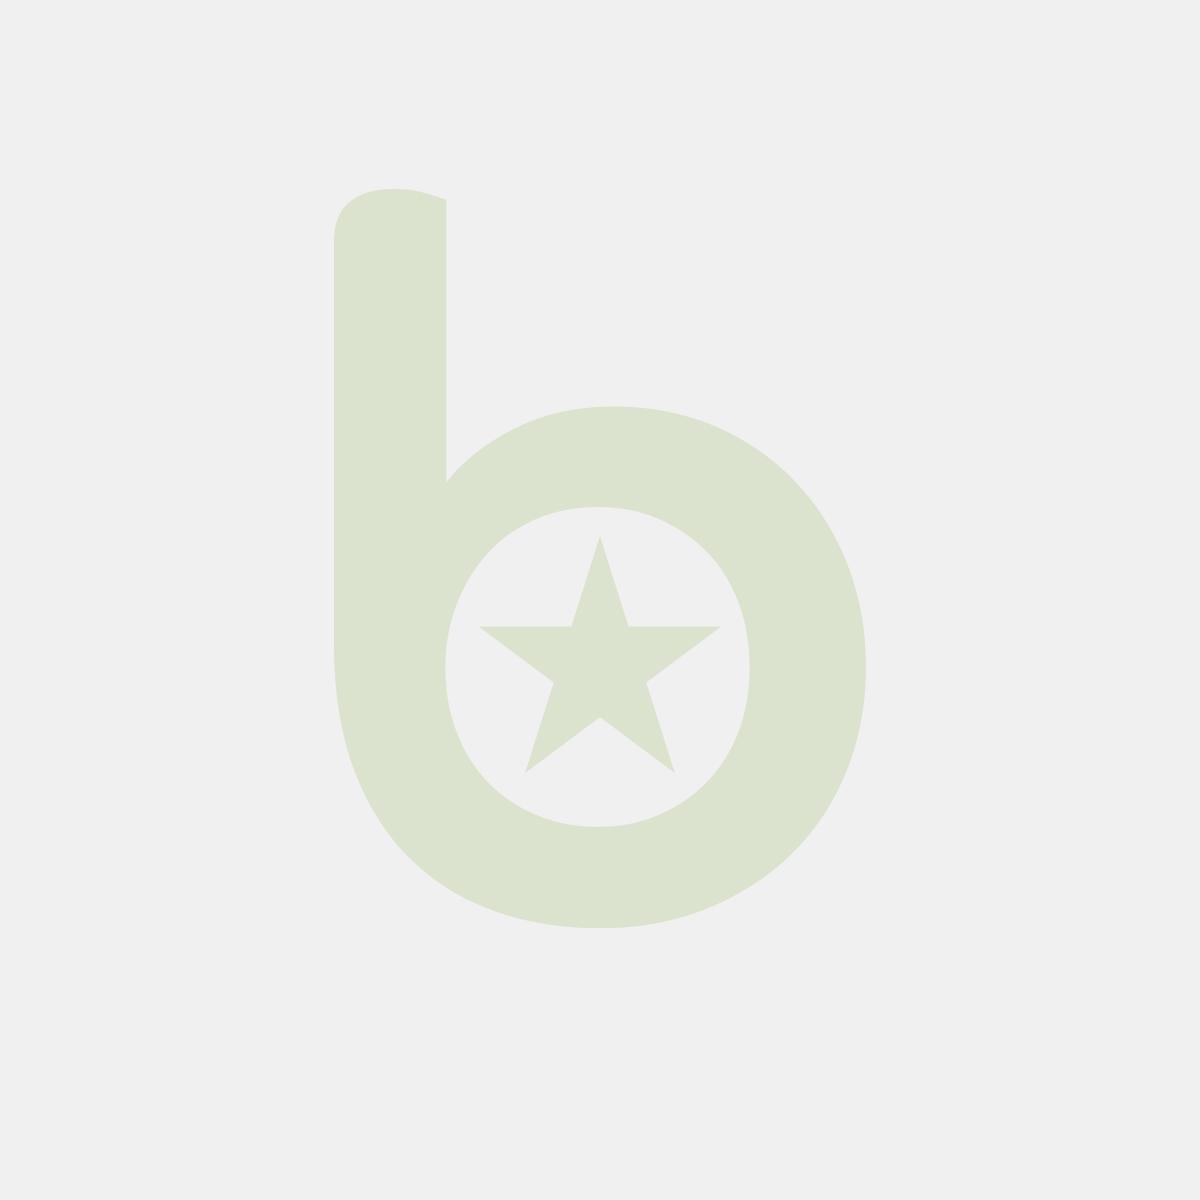 Koperta foliowana na frytki 100g, cena za opakowanie 200szt